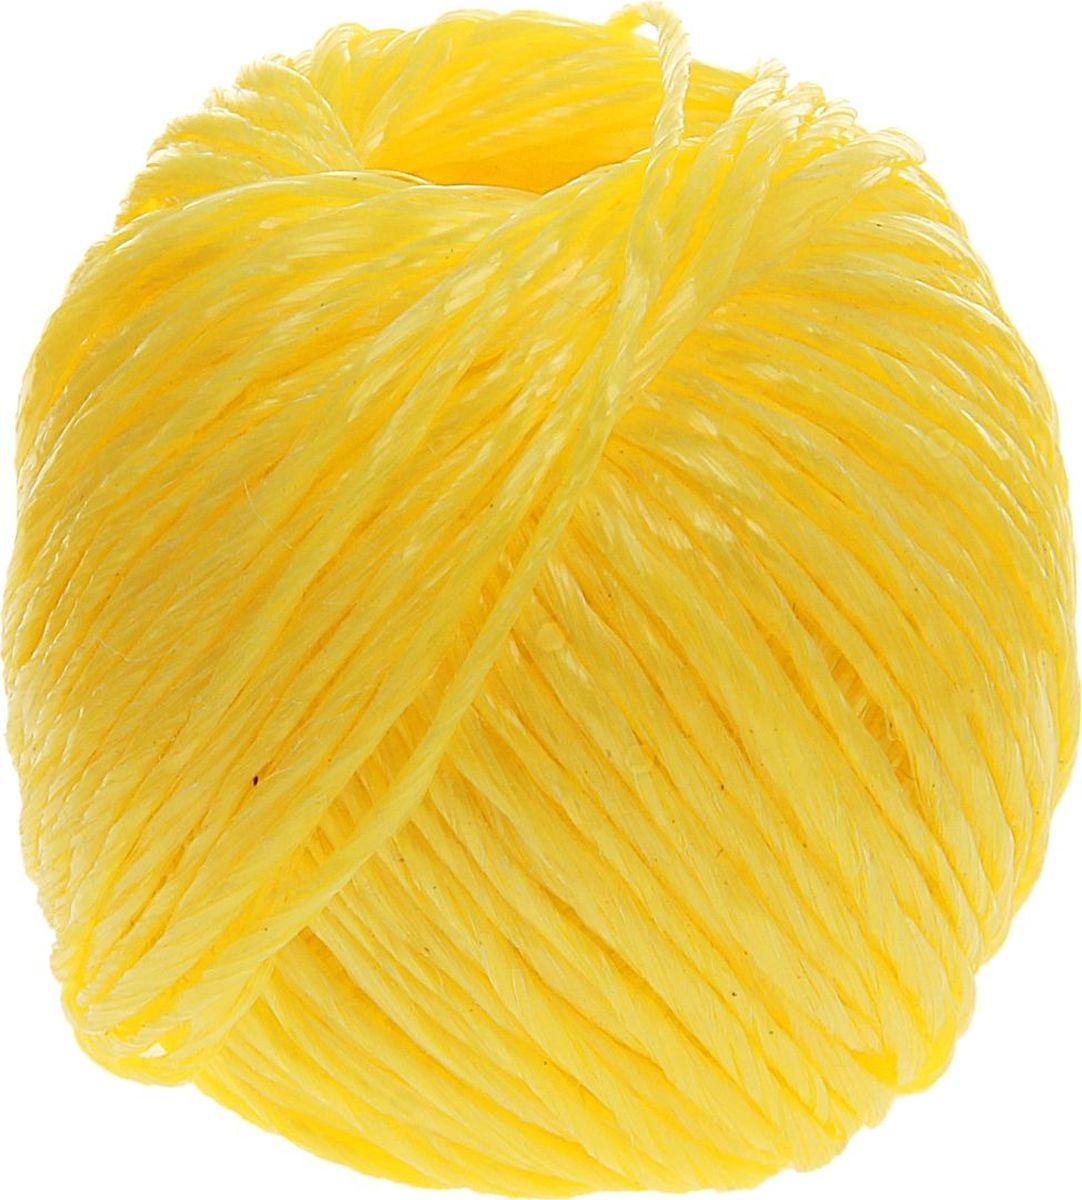 Шпагат полипропиленовый Банные Секреты, цвет: желтый, 60 м1124426Шпагат полипропиленовый Банные Секреты представляет собой изделие, которое используется для бытовых и технологических нужд в различных отраслях производства. В хозяйстве его используют для сушки белья, вместо верёвки, для упаковки вещей, при хранении овощей. Изделие обладает большой прочностью. Изготавливается из очень качественного сырья первичного производства путём скручивания. Он является достаточно тонким, но при этом выдерживает большое давление. Особенности: - устойчивость к разрывам и растяжениям; - устойчивость к температурным сдвигам; - большая влагостойкость; - хорошие теплоизоляционные свойства. Материал: полипропилен. Длина: 60 м. Вес: 60 г. Диаметр: 1,6 мм.